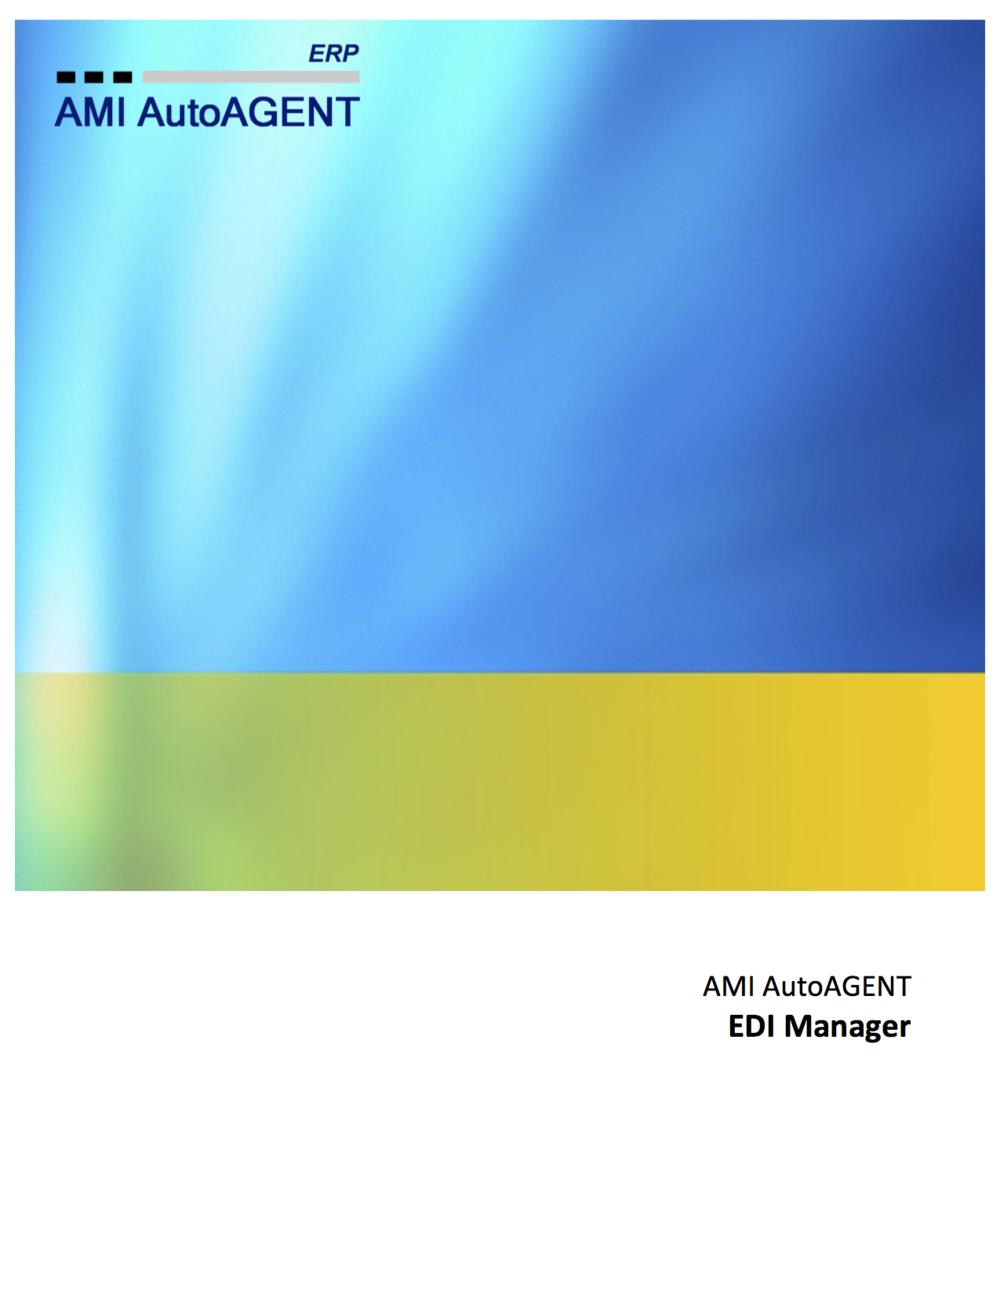 EDI Manager